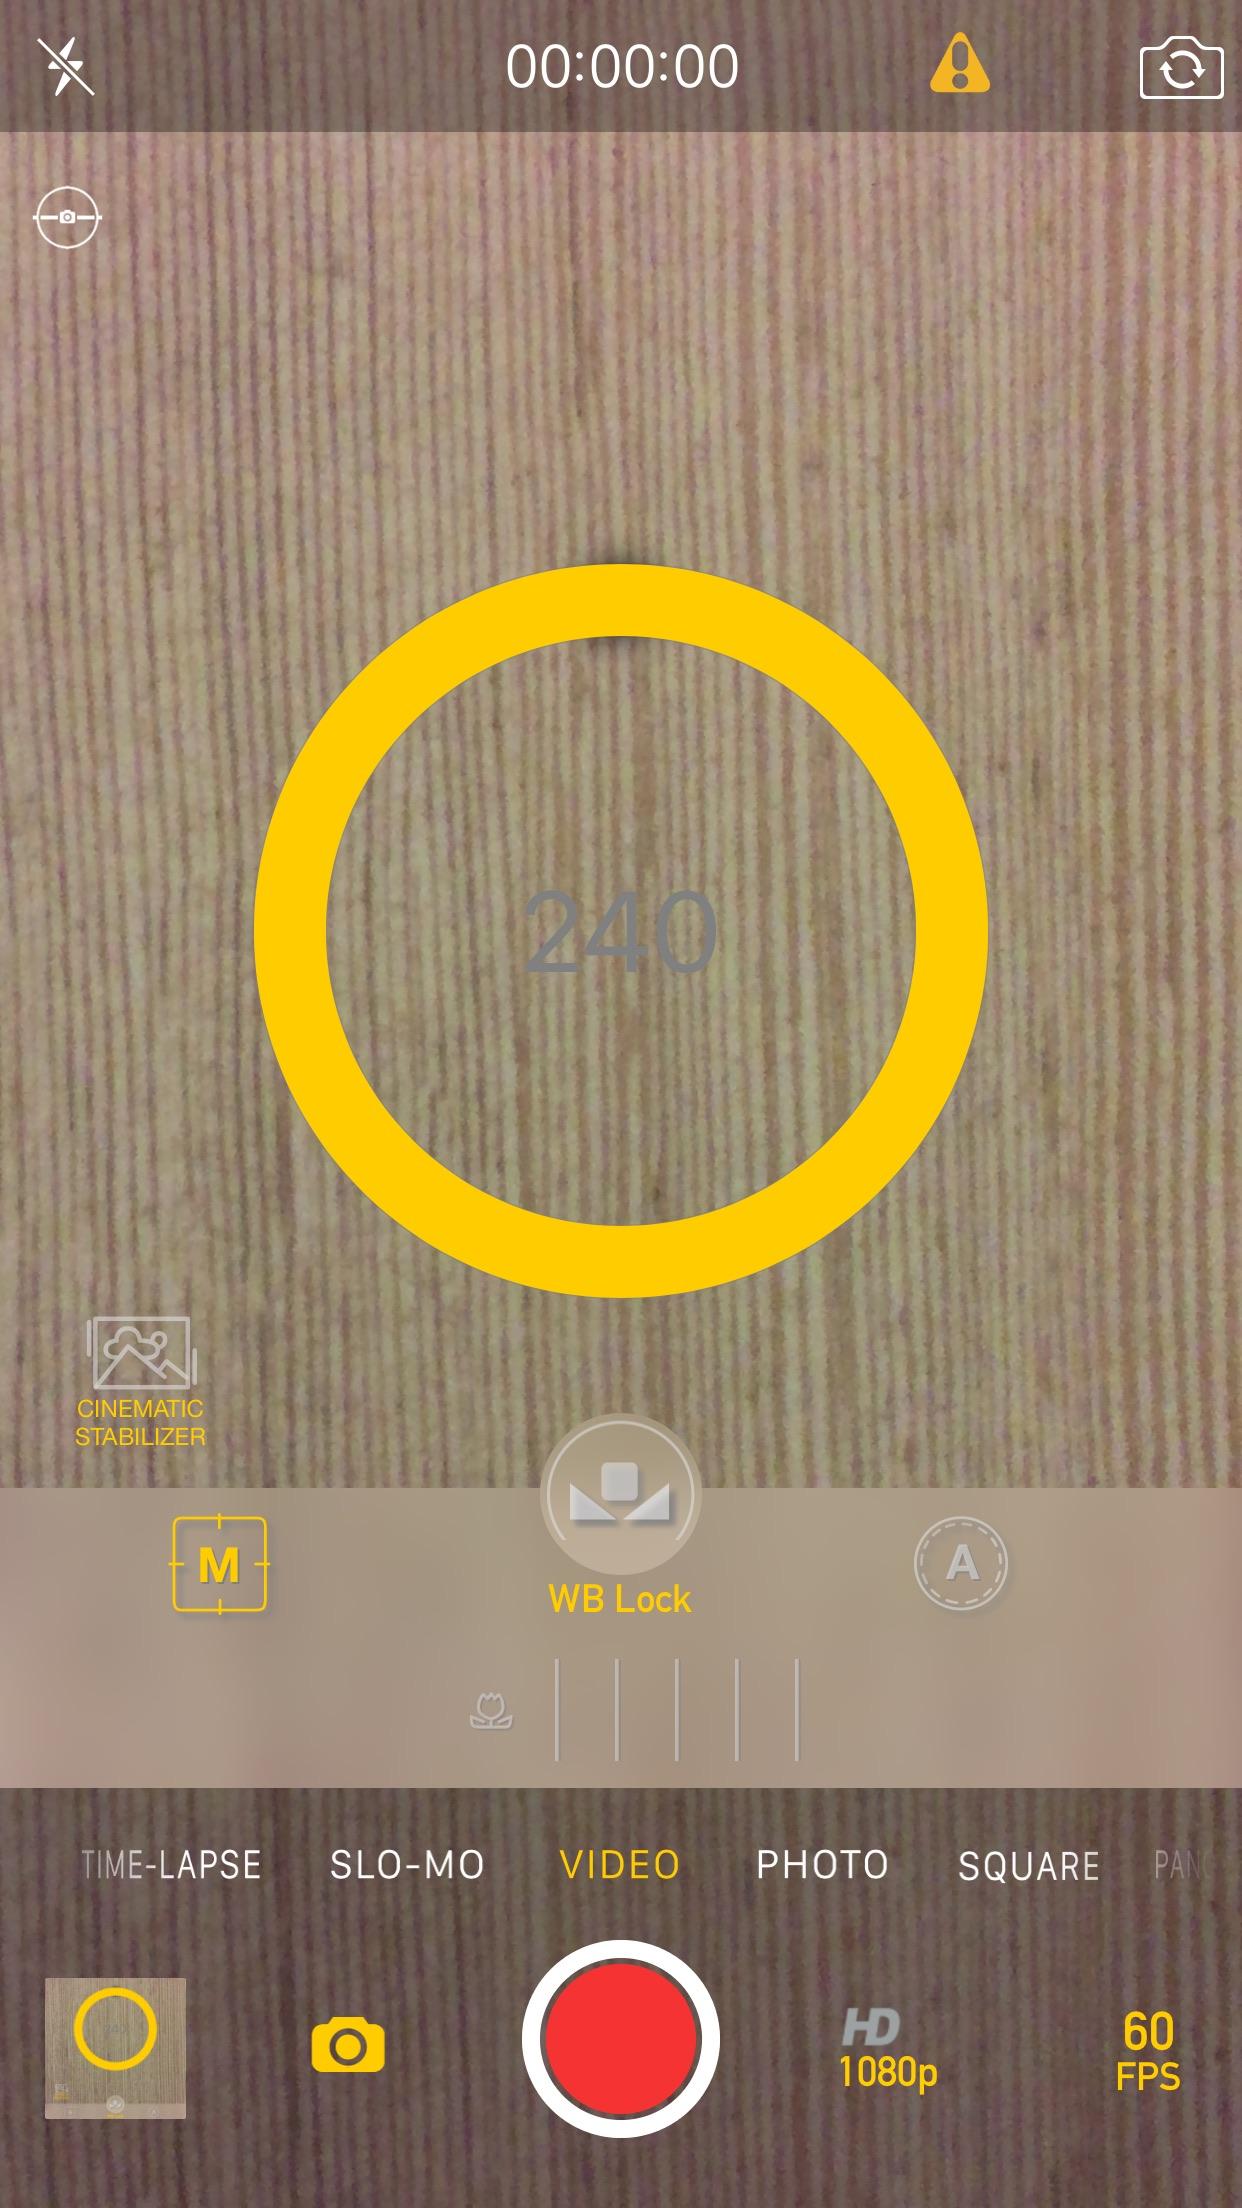 Download CameraTweak 4 (iOS 10/9) 1.1.2